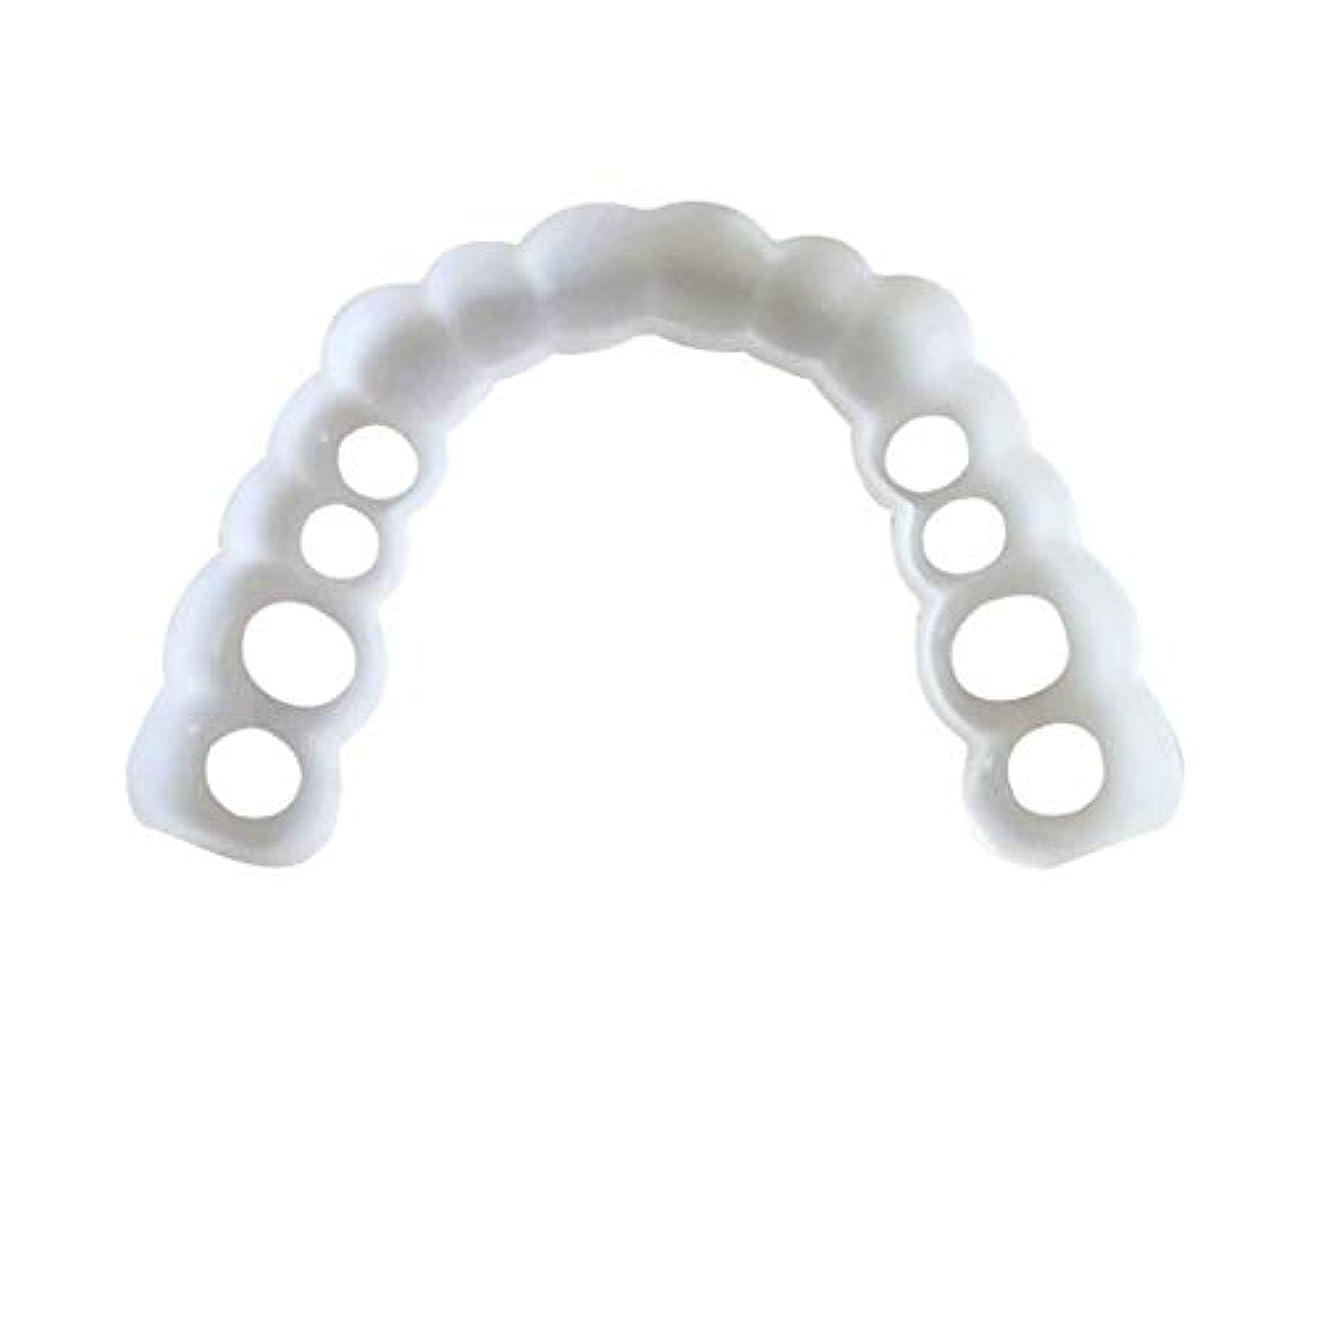 規模伝導率静かに777/5000 1組の一時的な化粧品の歯義歯の歯の化粧品の模擬装具アッパーブレース+ロワーブレース、インスタント快適なフレックスパーフェクトベニア上の歯のスナップキャップ